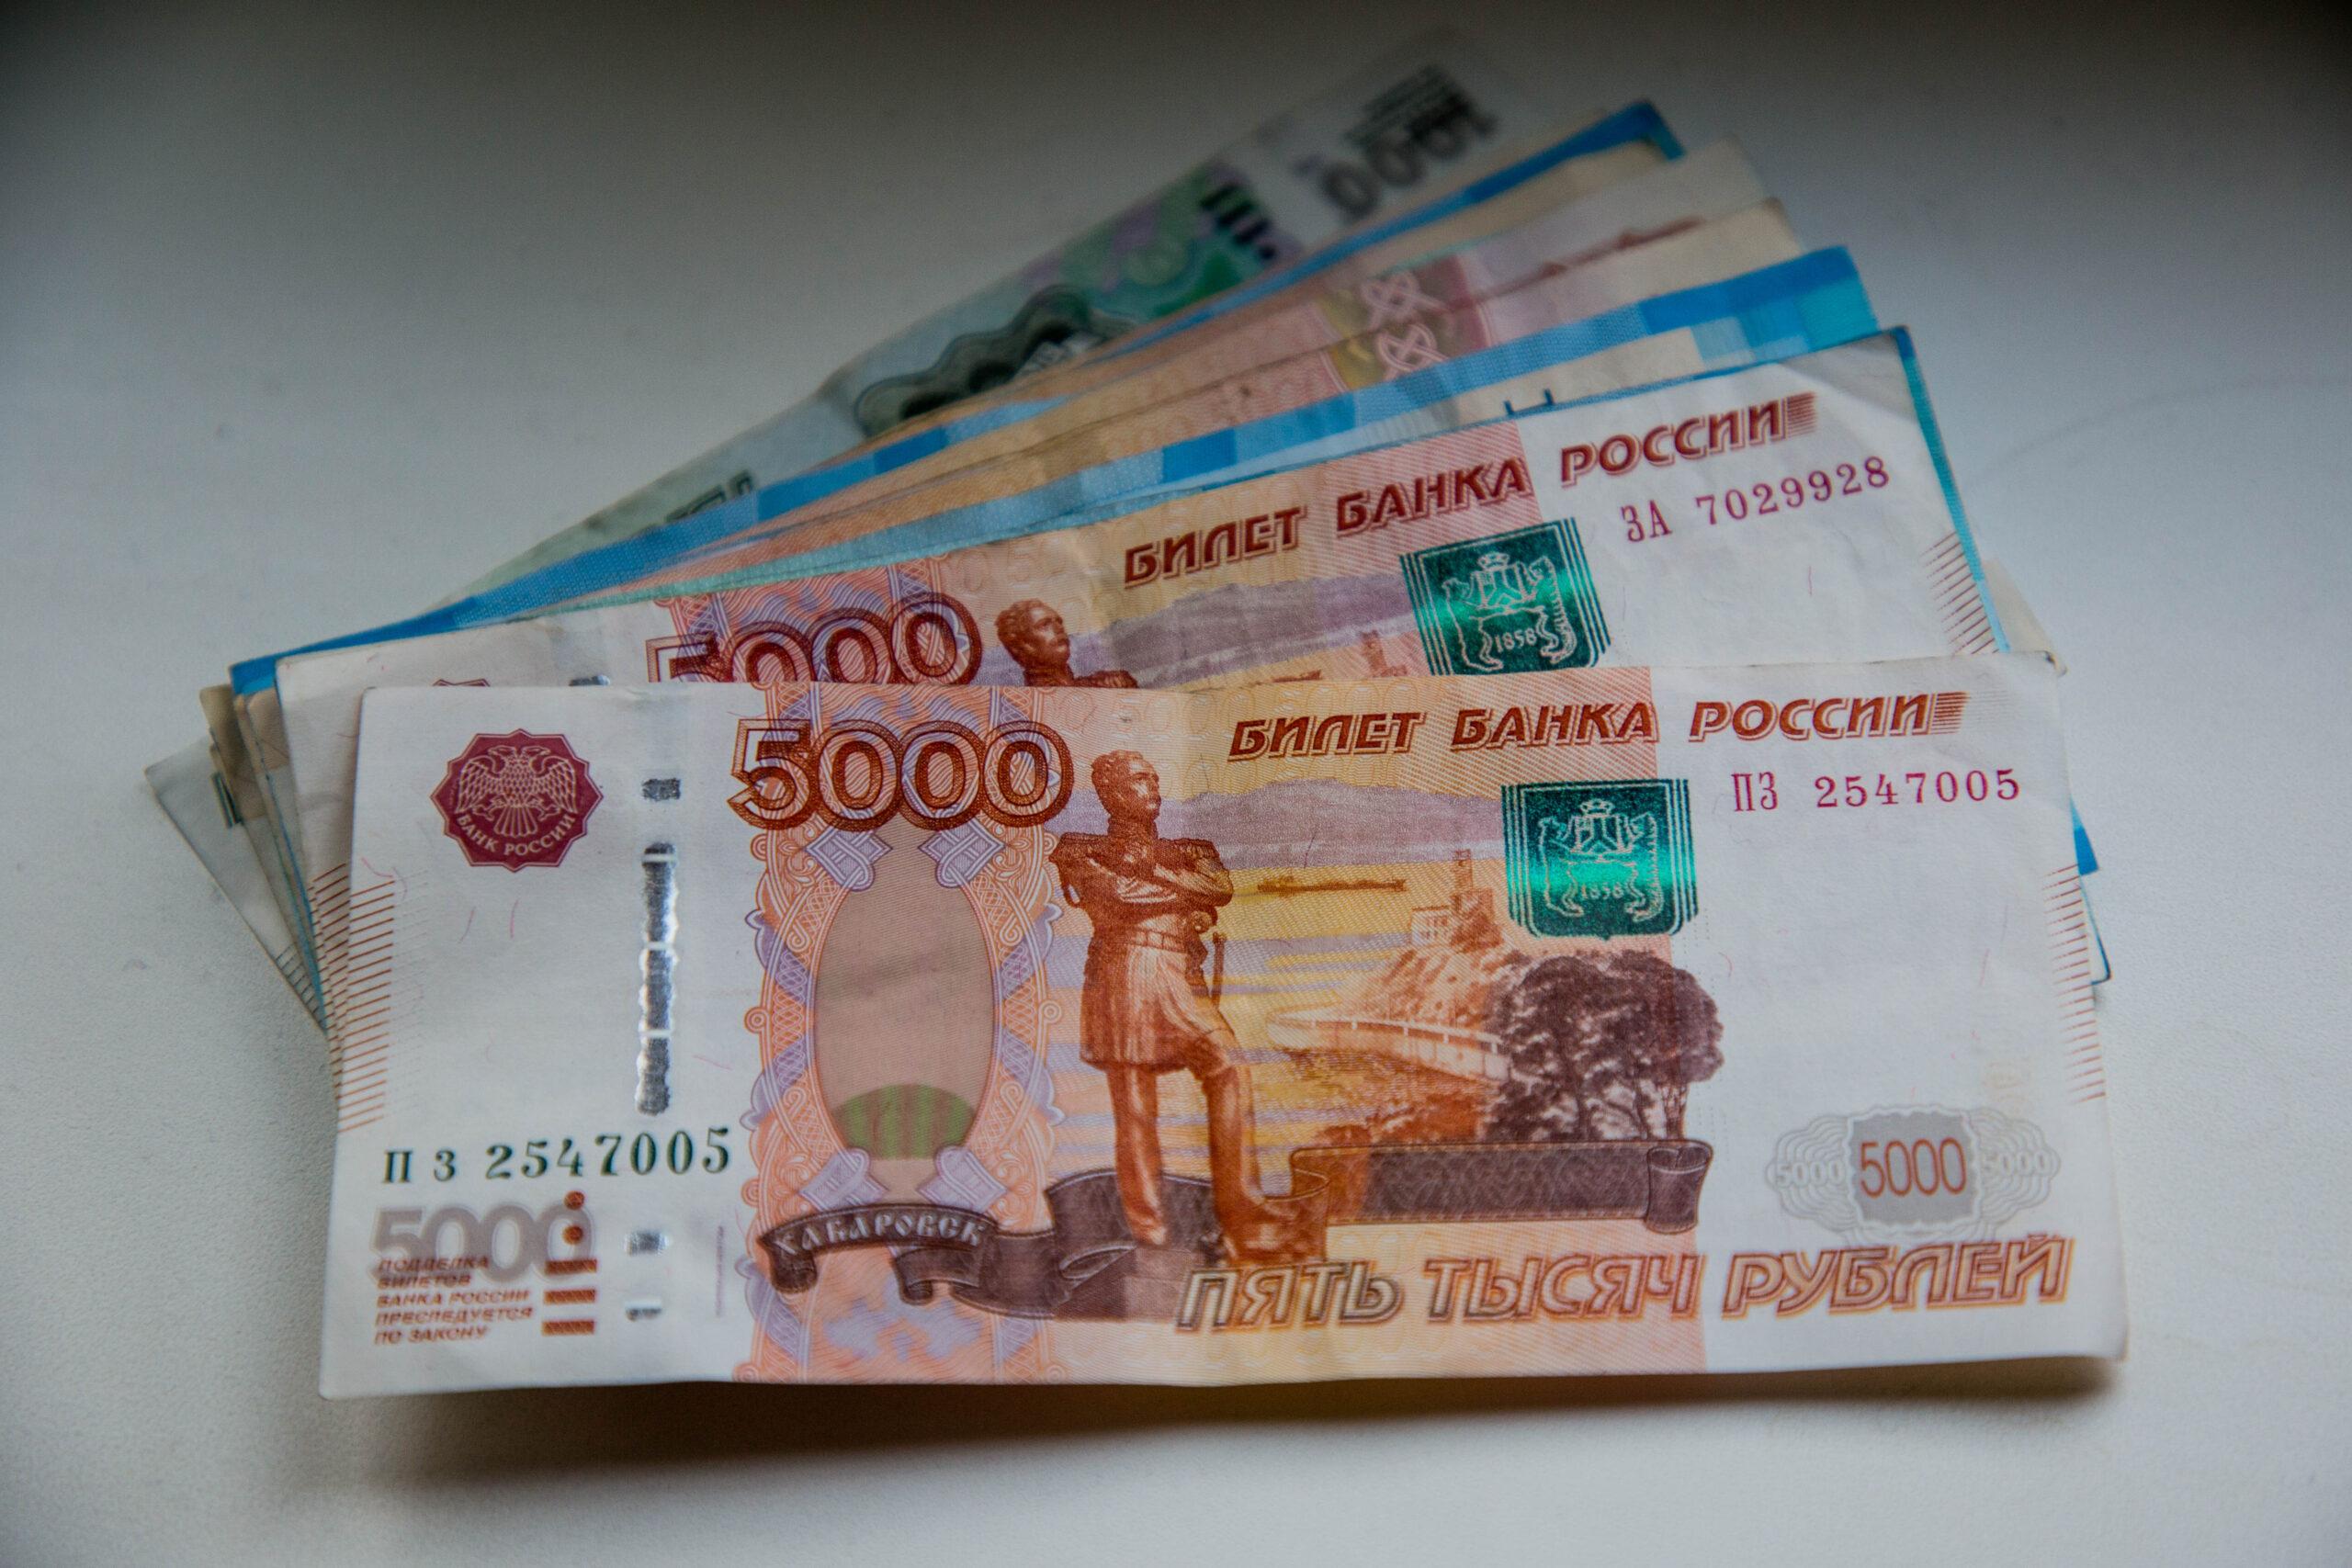 10 жителей Тверской области за сутки отдали мошенникам больше 6 миллионов рублей